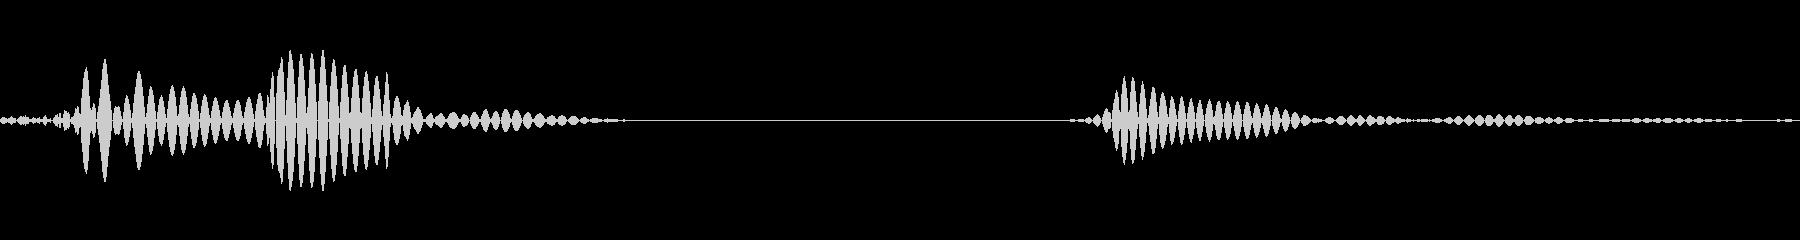 ポップなイメージのシステム音・カチッ!の未再生の波形